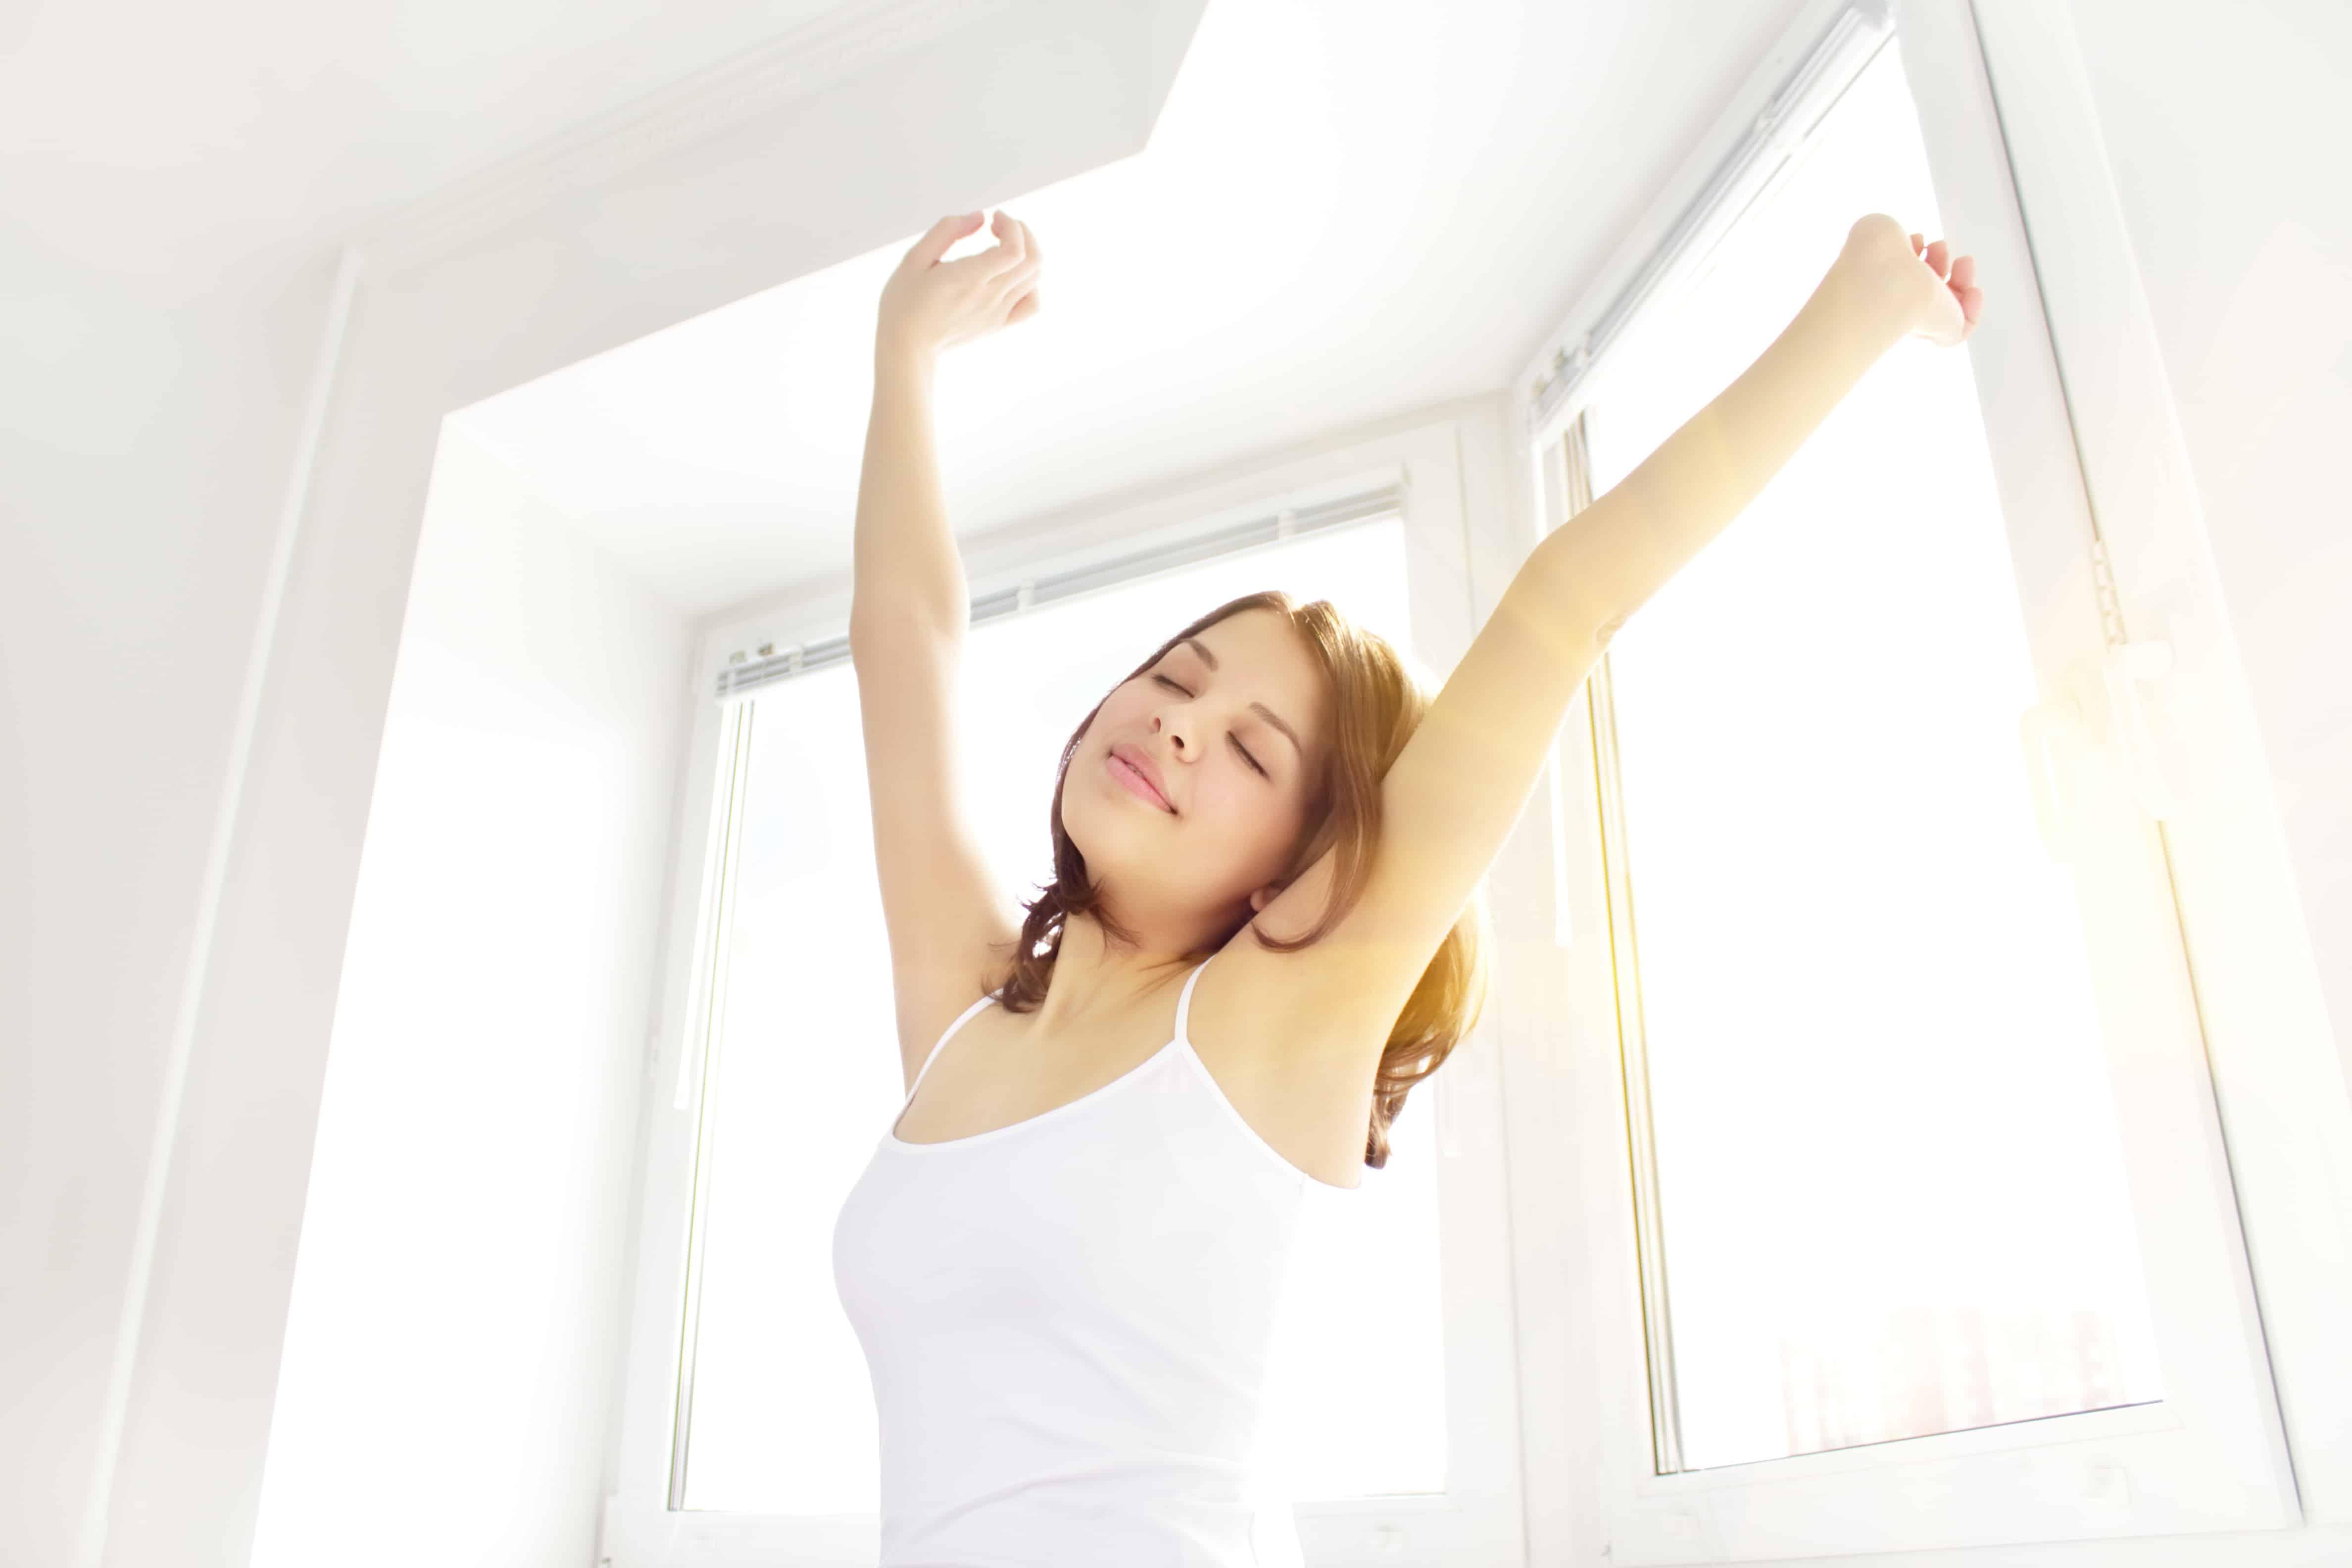 lichtwecker einfach gesund schlafen das schlaf magazin. Black Bedroom Furniture Sets. Home Design Ideas